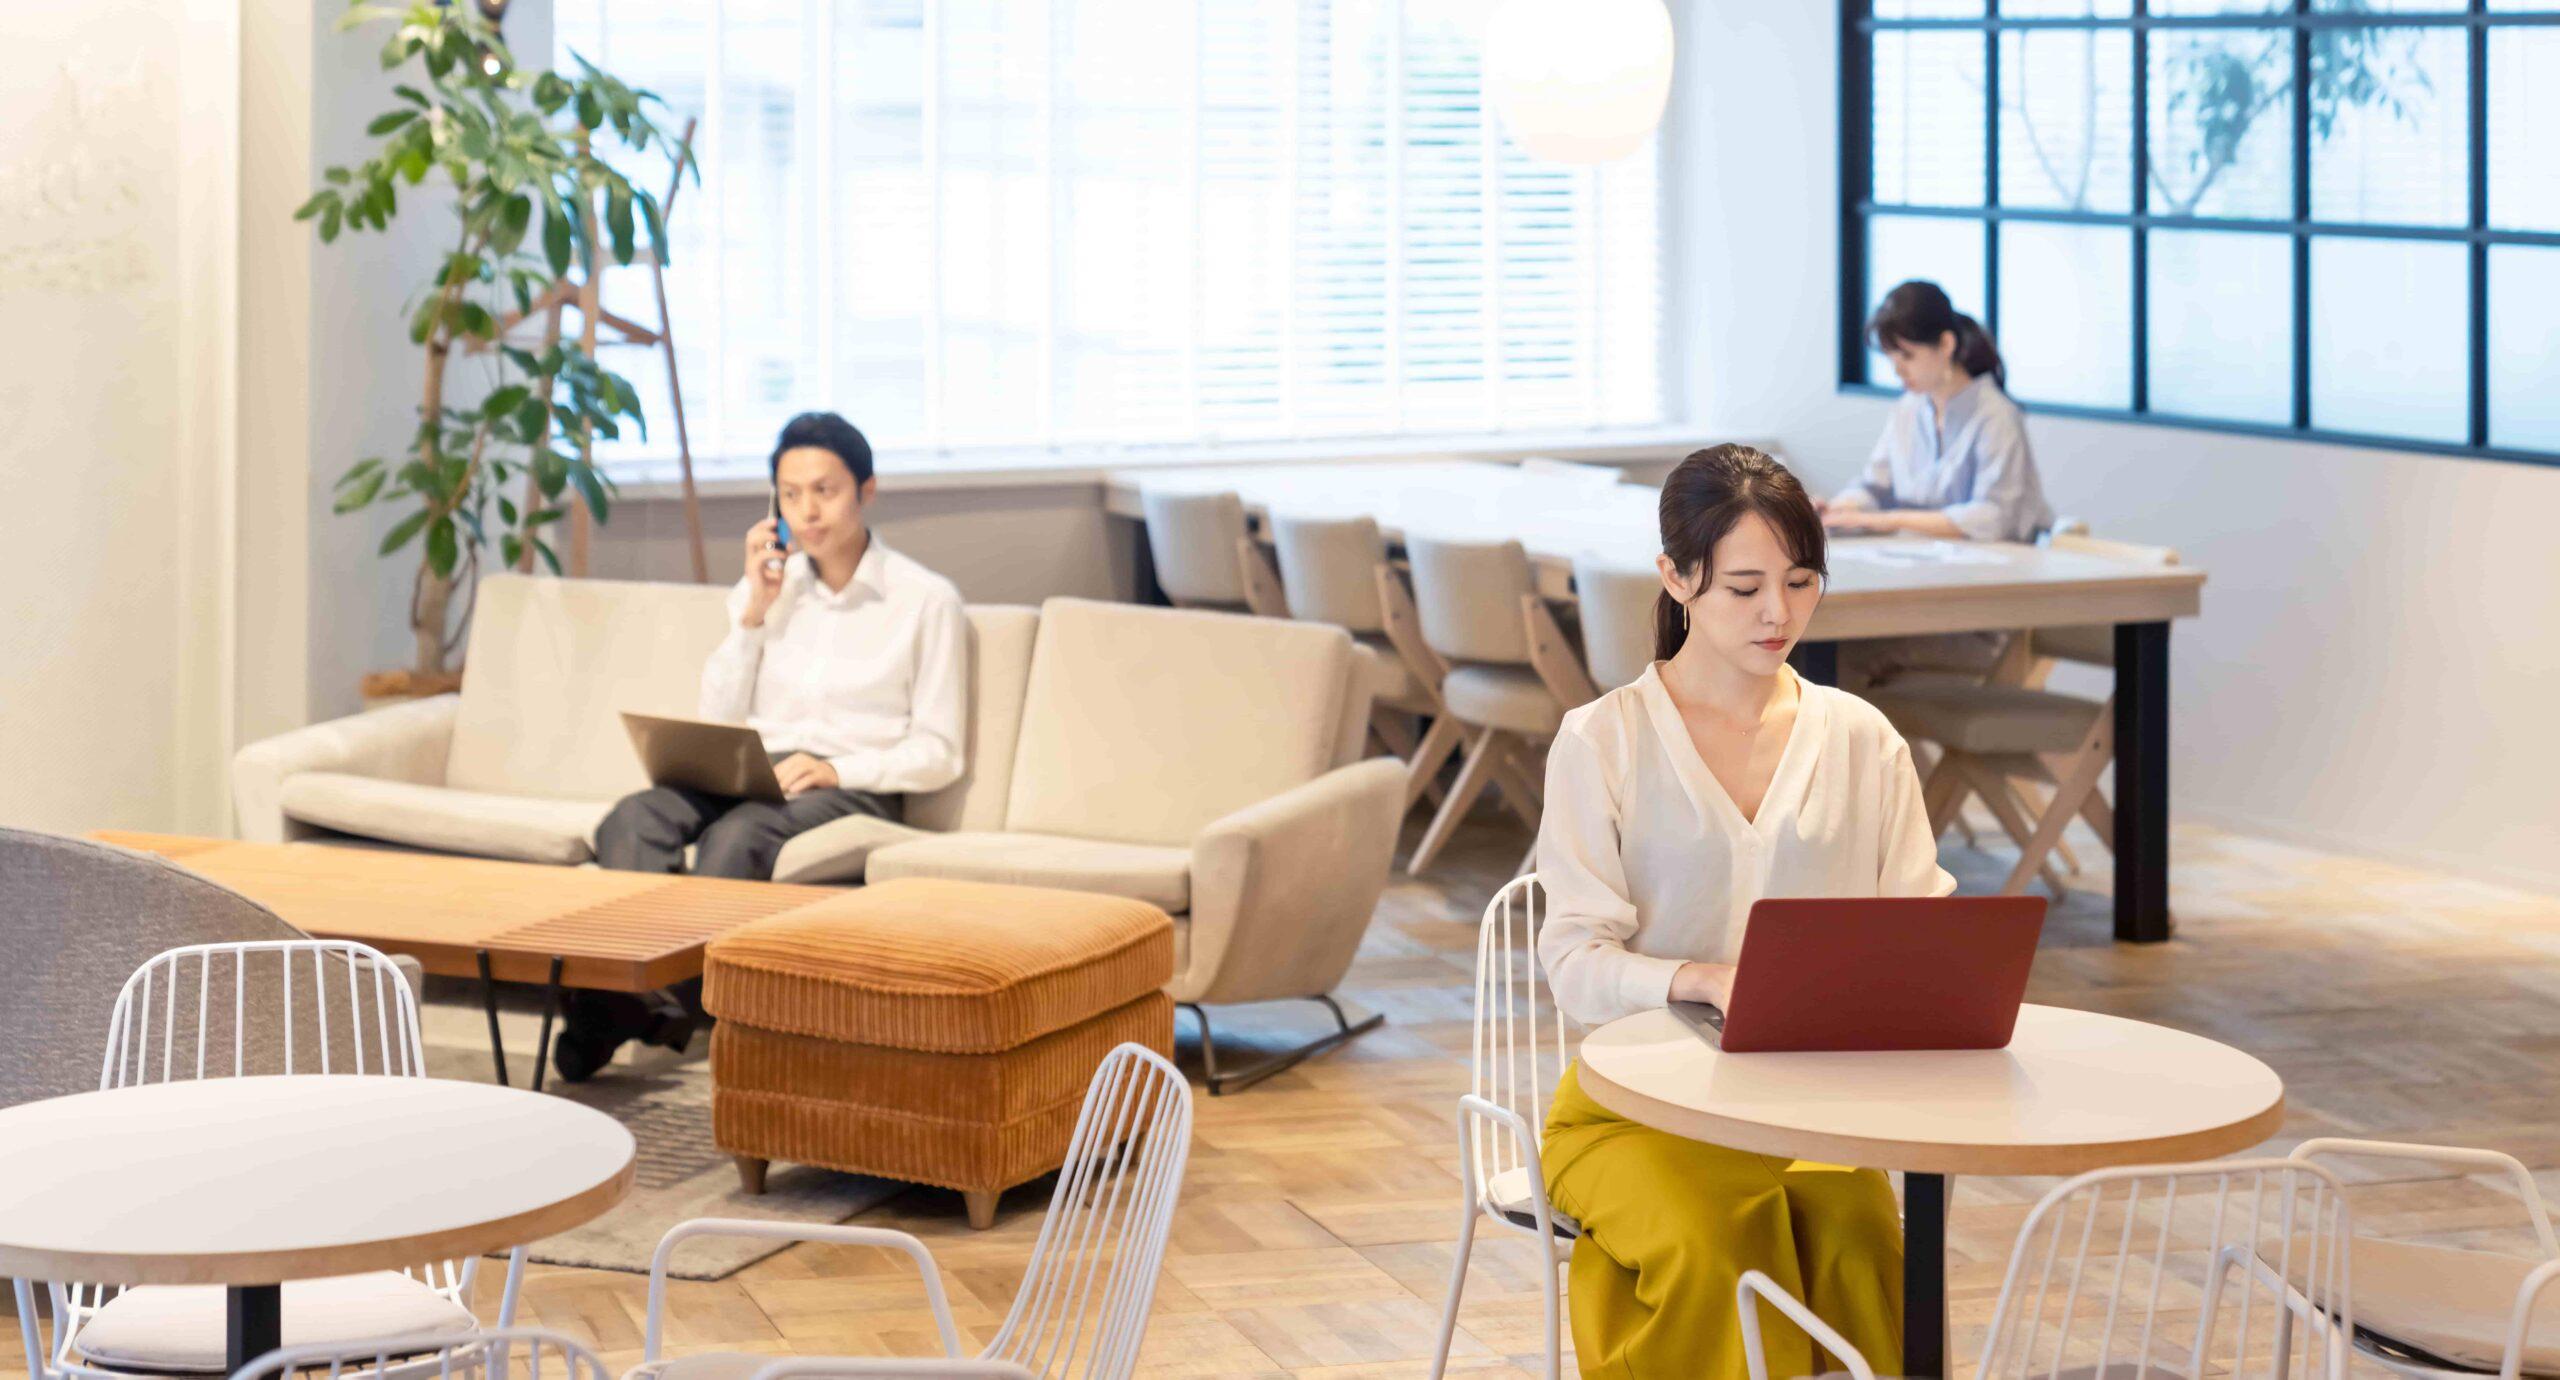 経営課題解決のカギ:オフィス環境と働き方